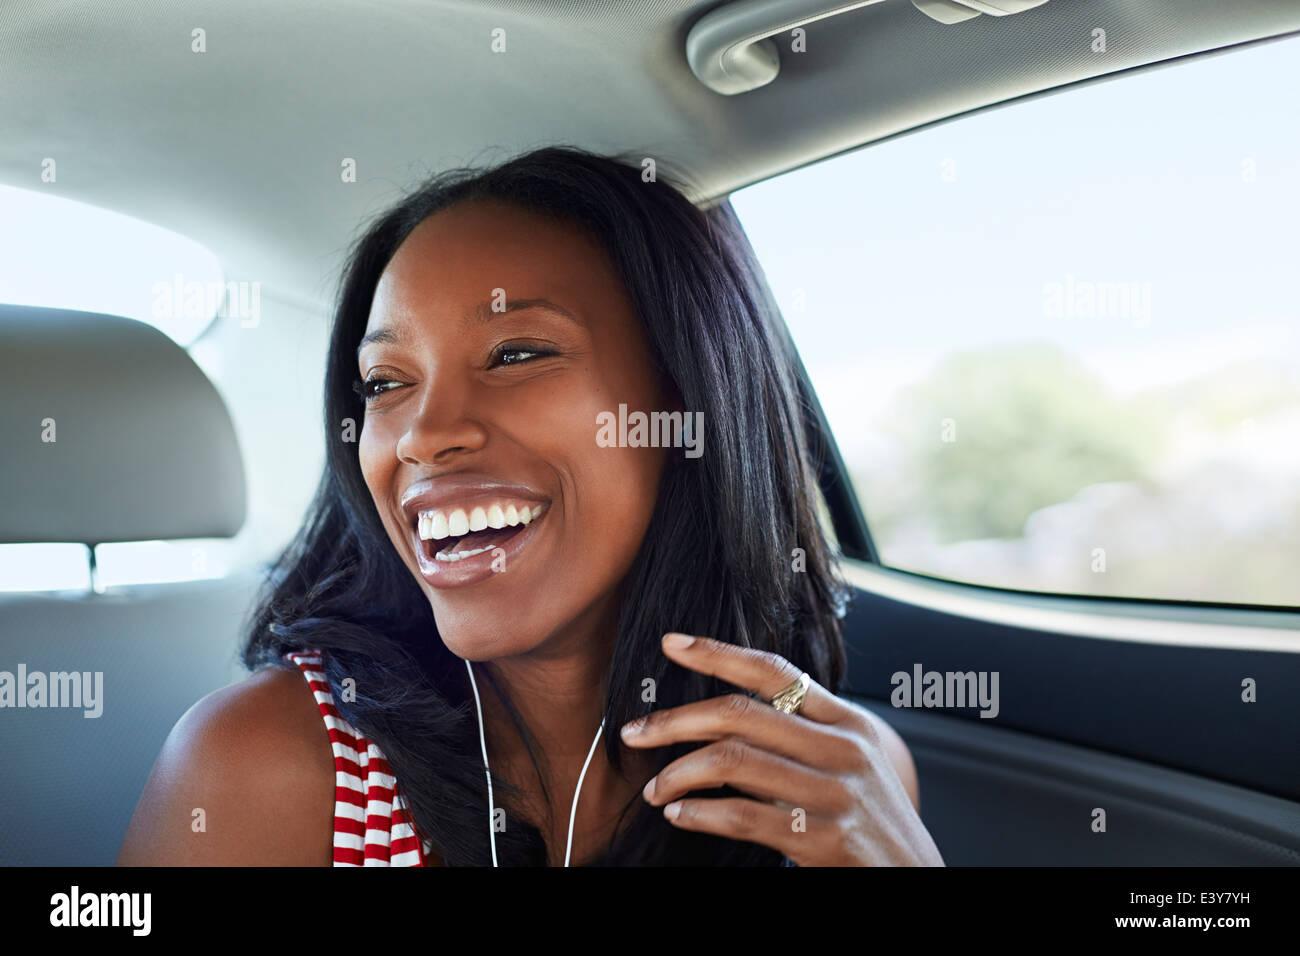 Giovane donna ridere auto backseat Immagini Stock